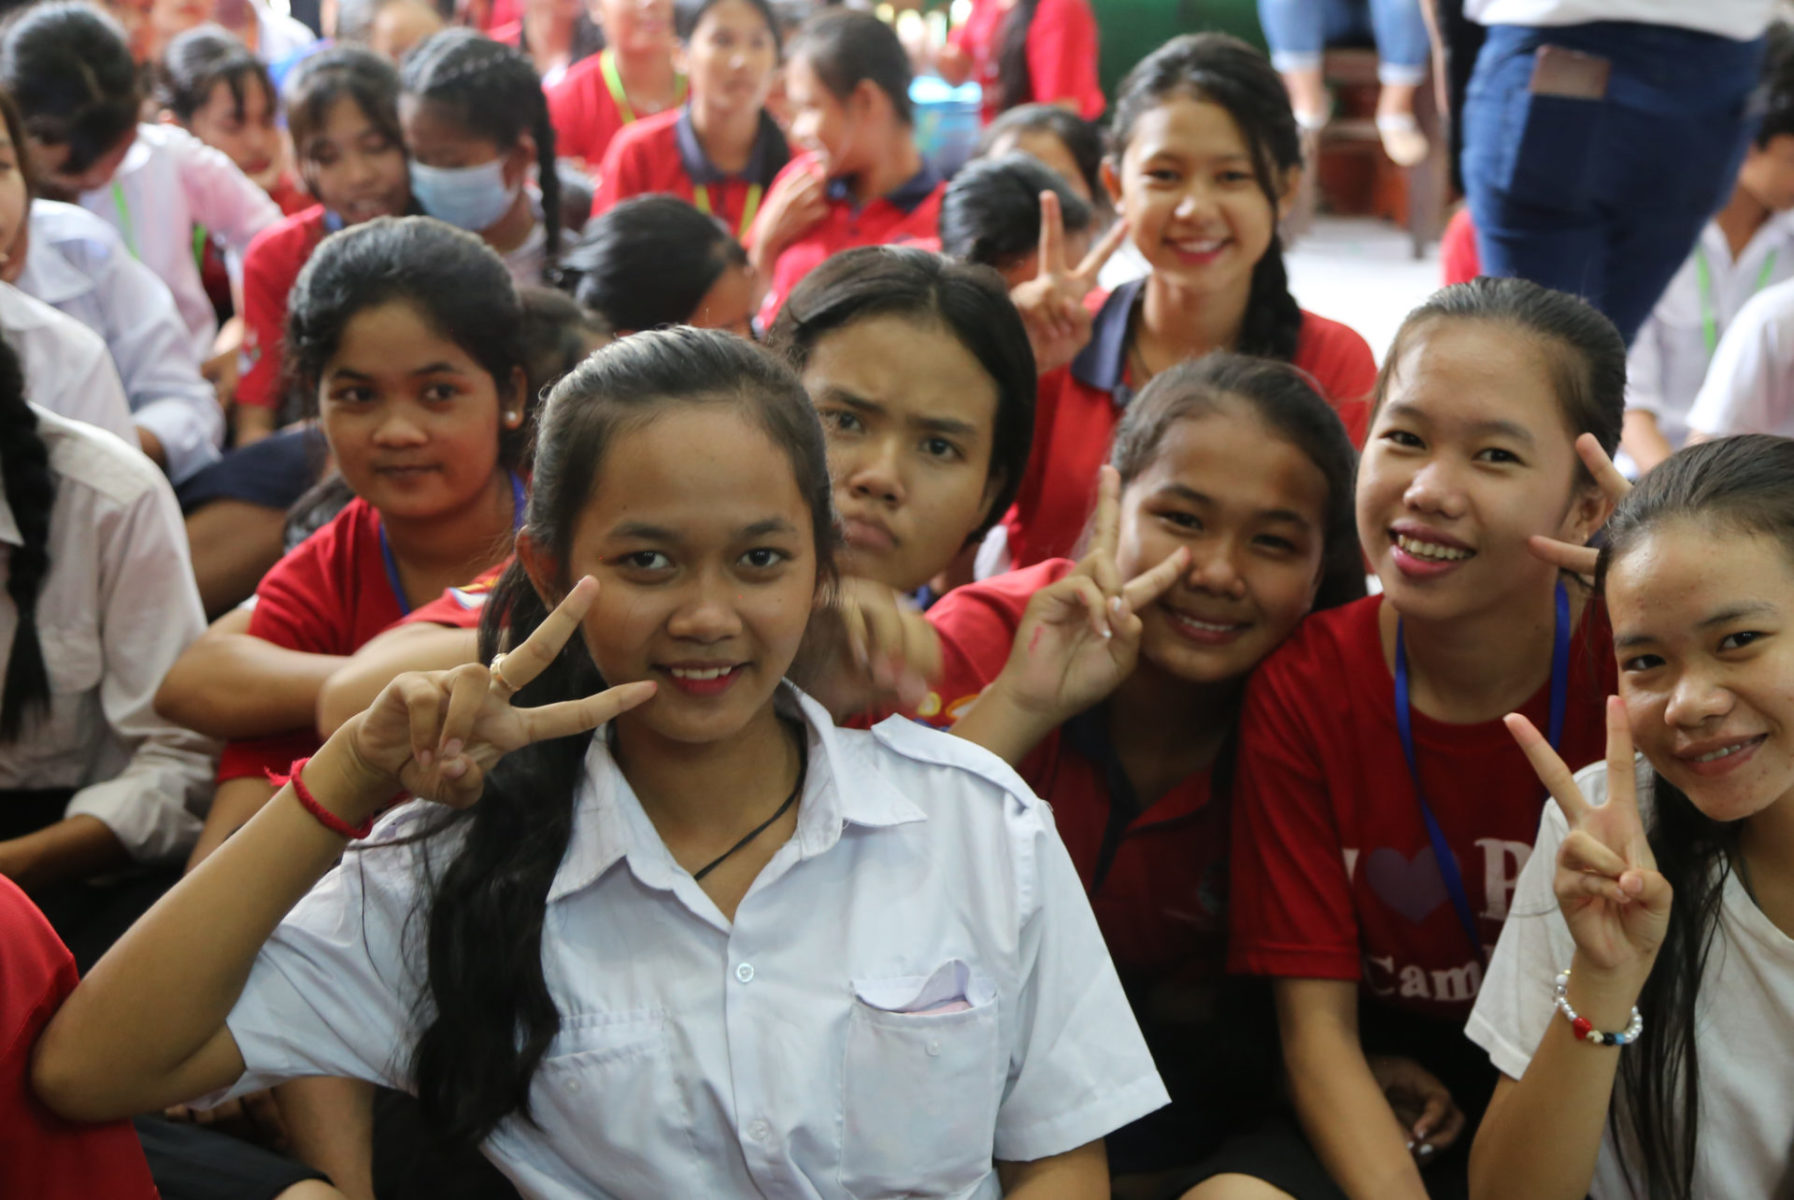 Frauen suchen männer in kambodscha